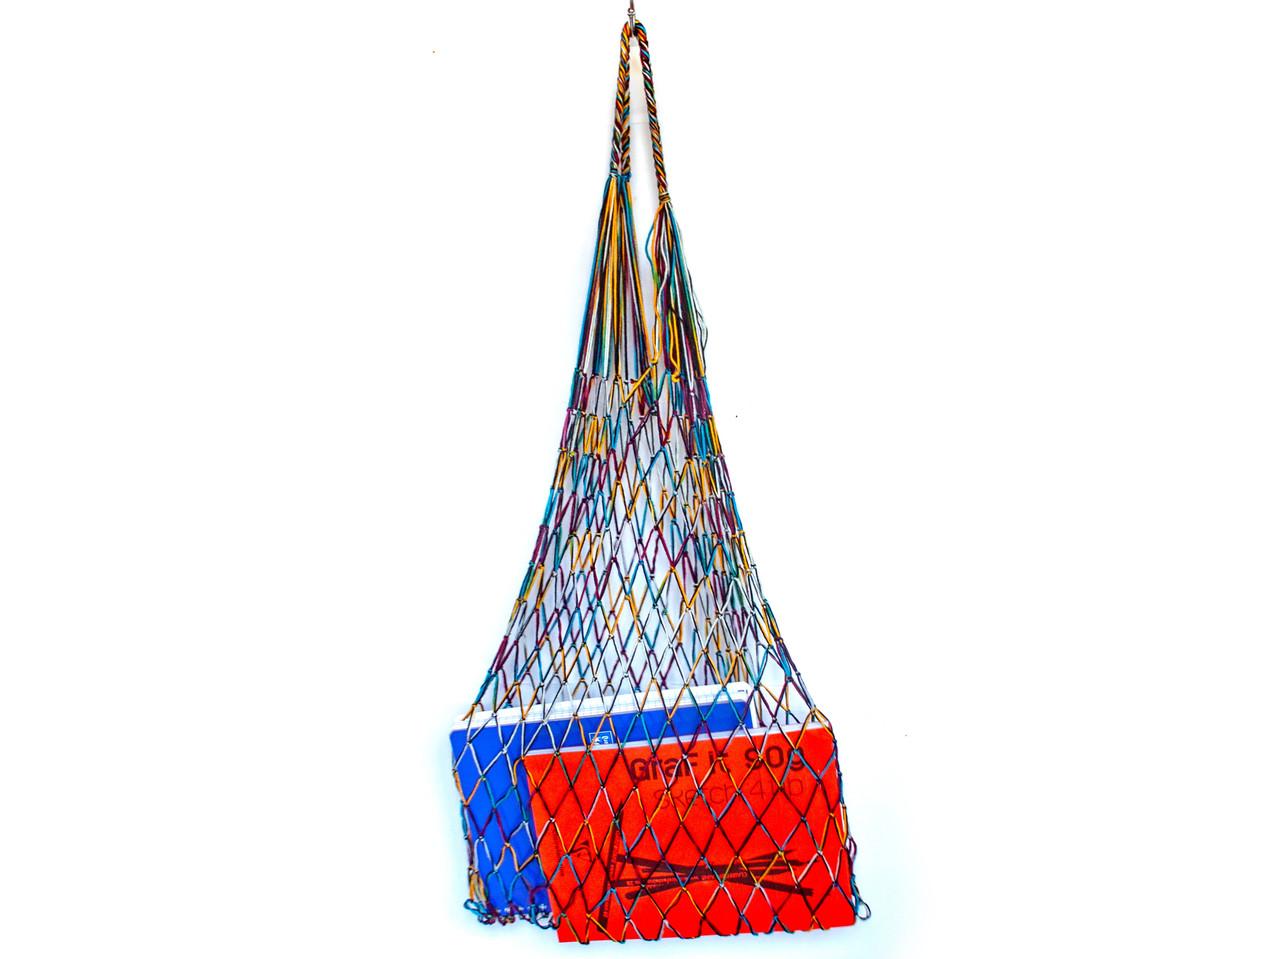 Авоська - Ежедневная Французская сумка - Шопер Эко сумка - Крейзи в темном